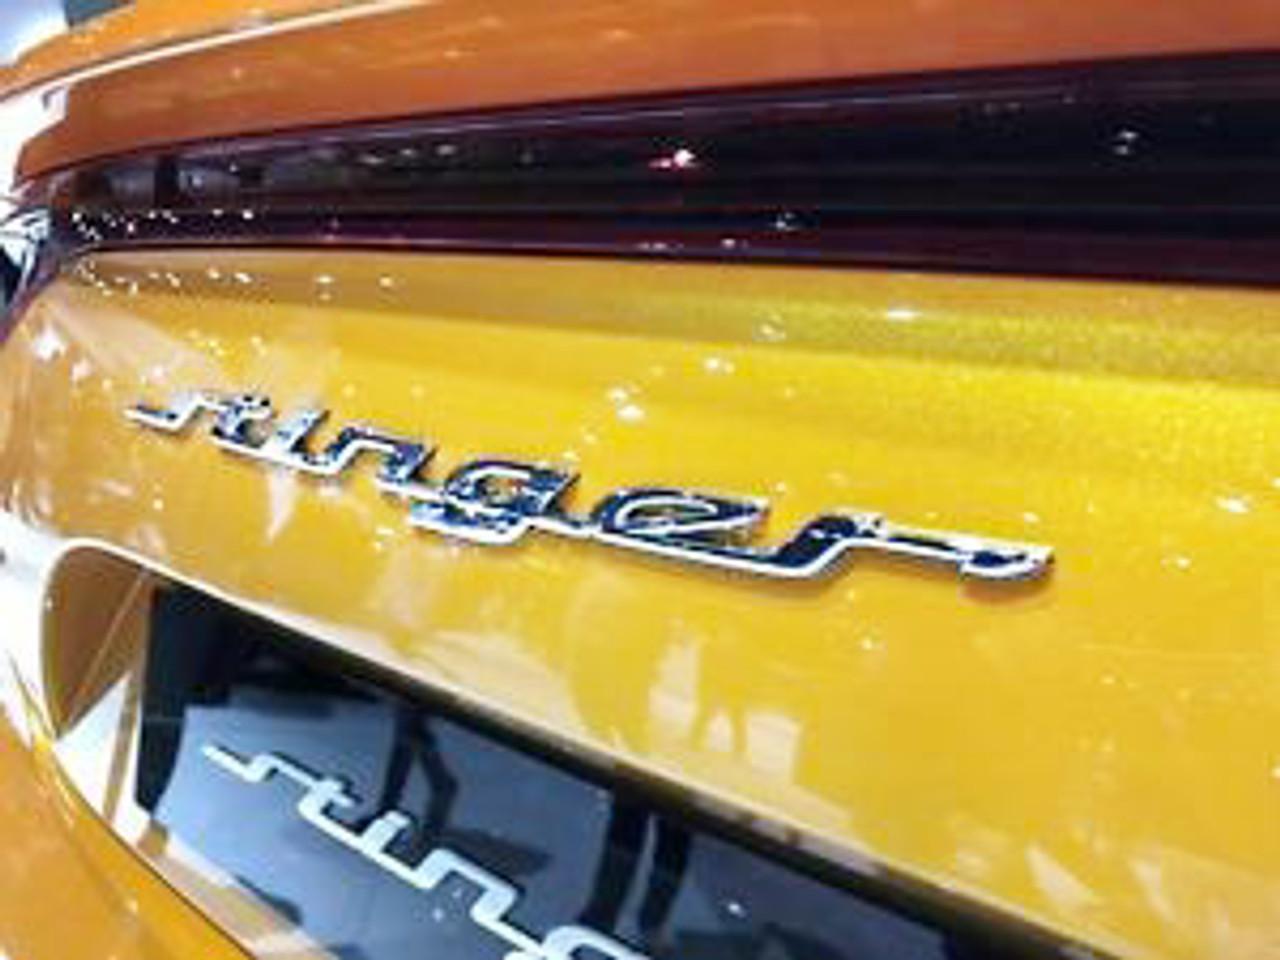 Kia Stinger Emblem Kit - Trunk Emblem